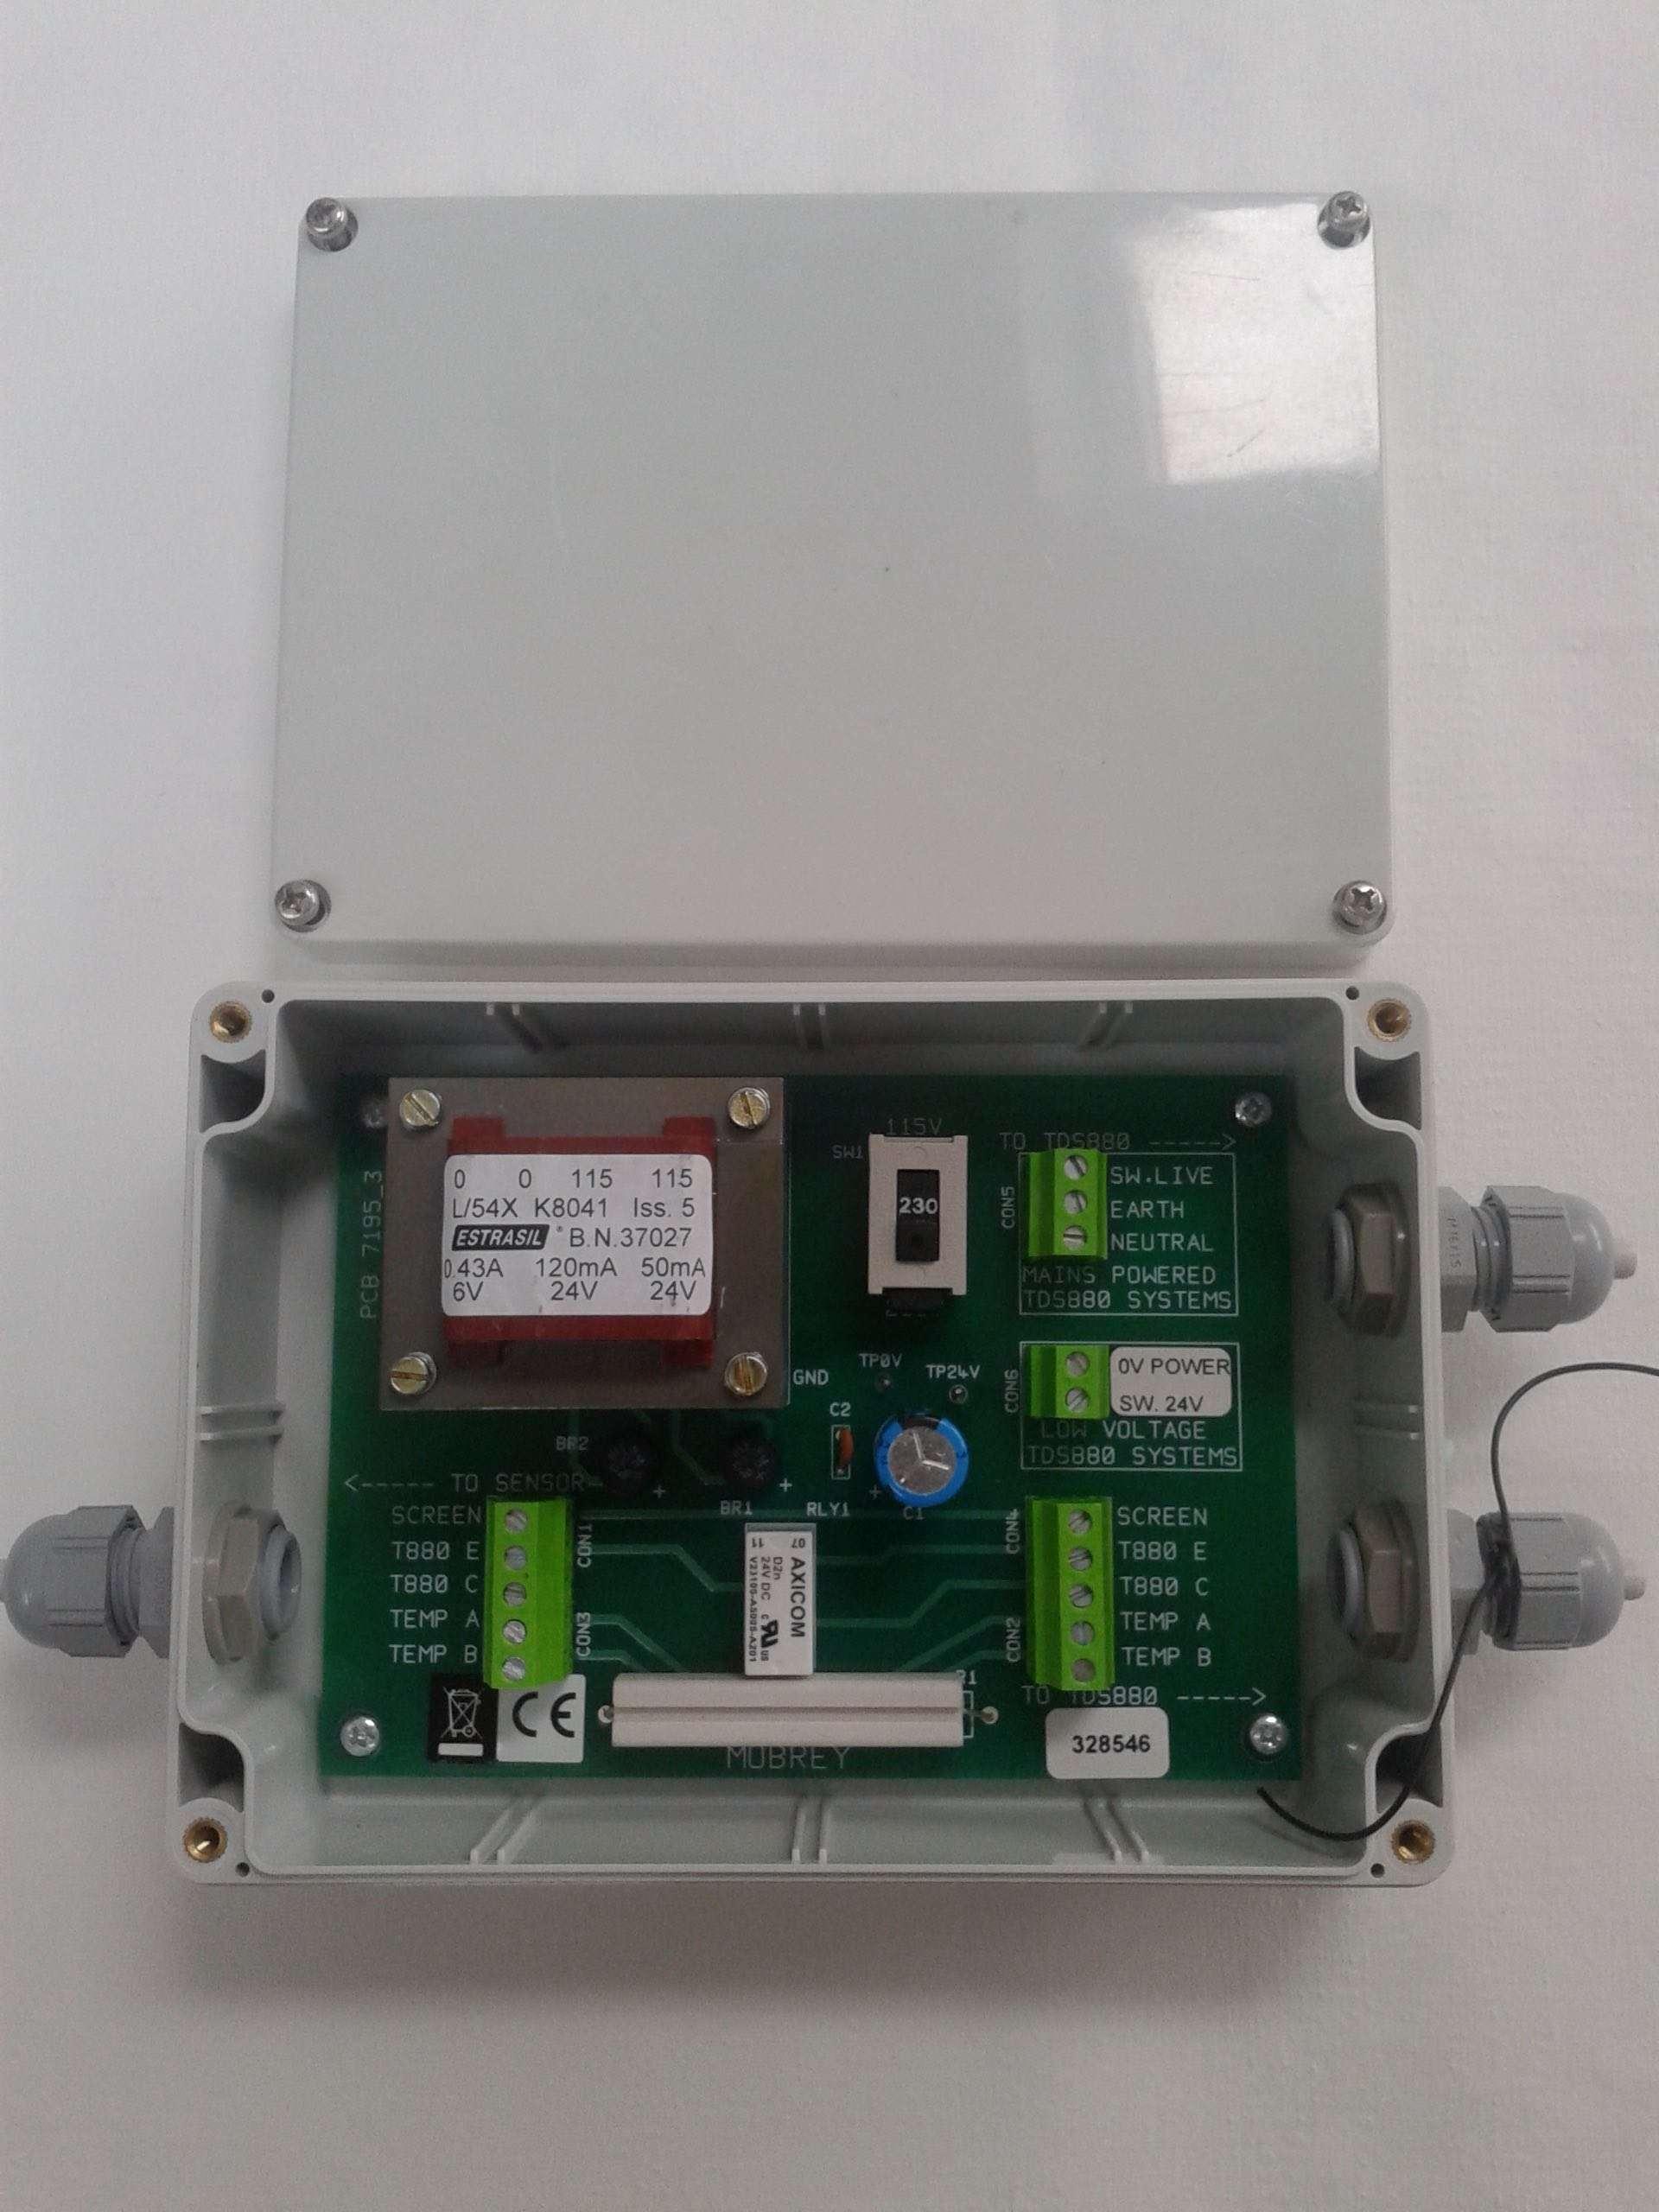 Mobrey PDS880 Sensor Interface Module